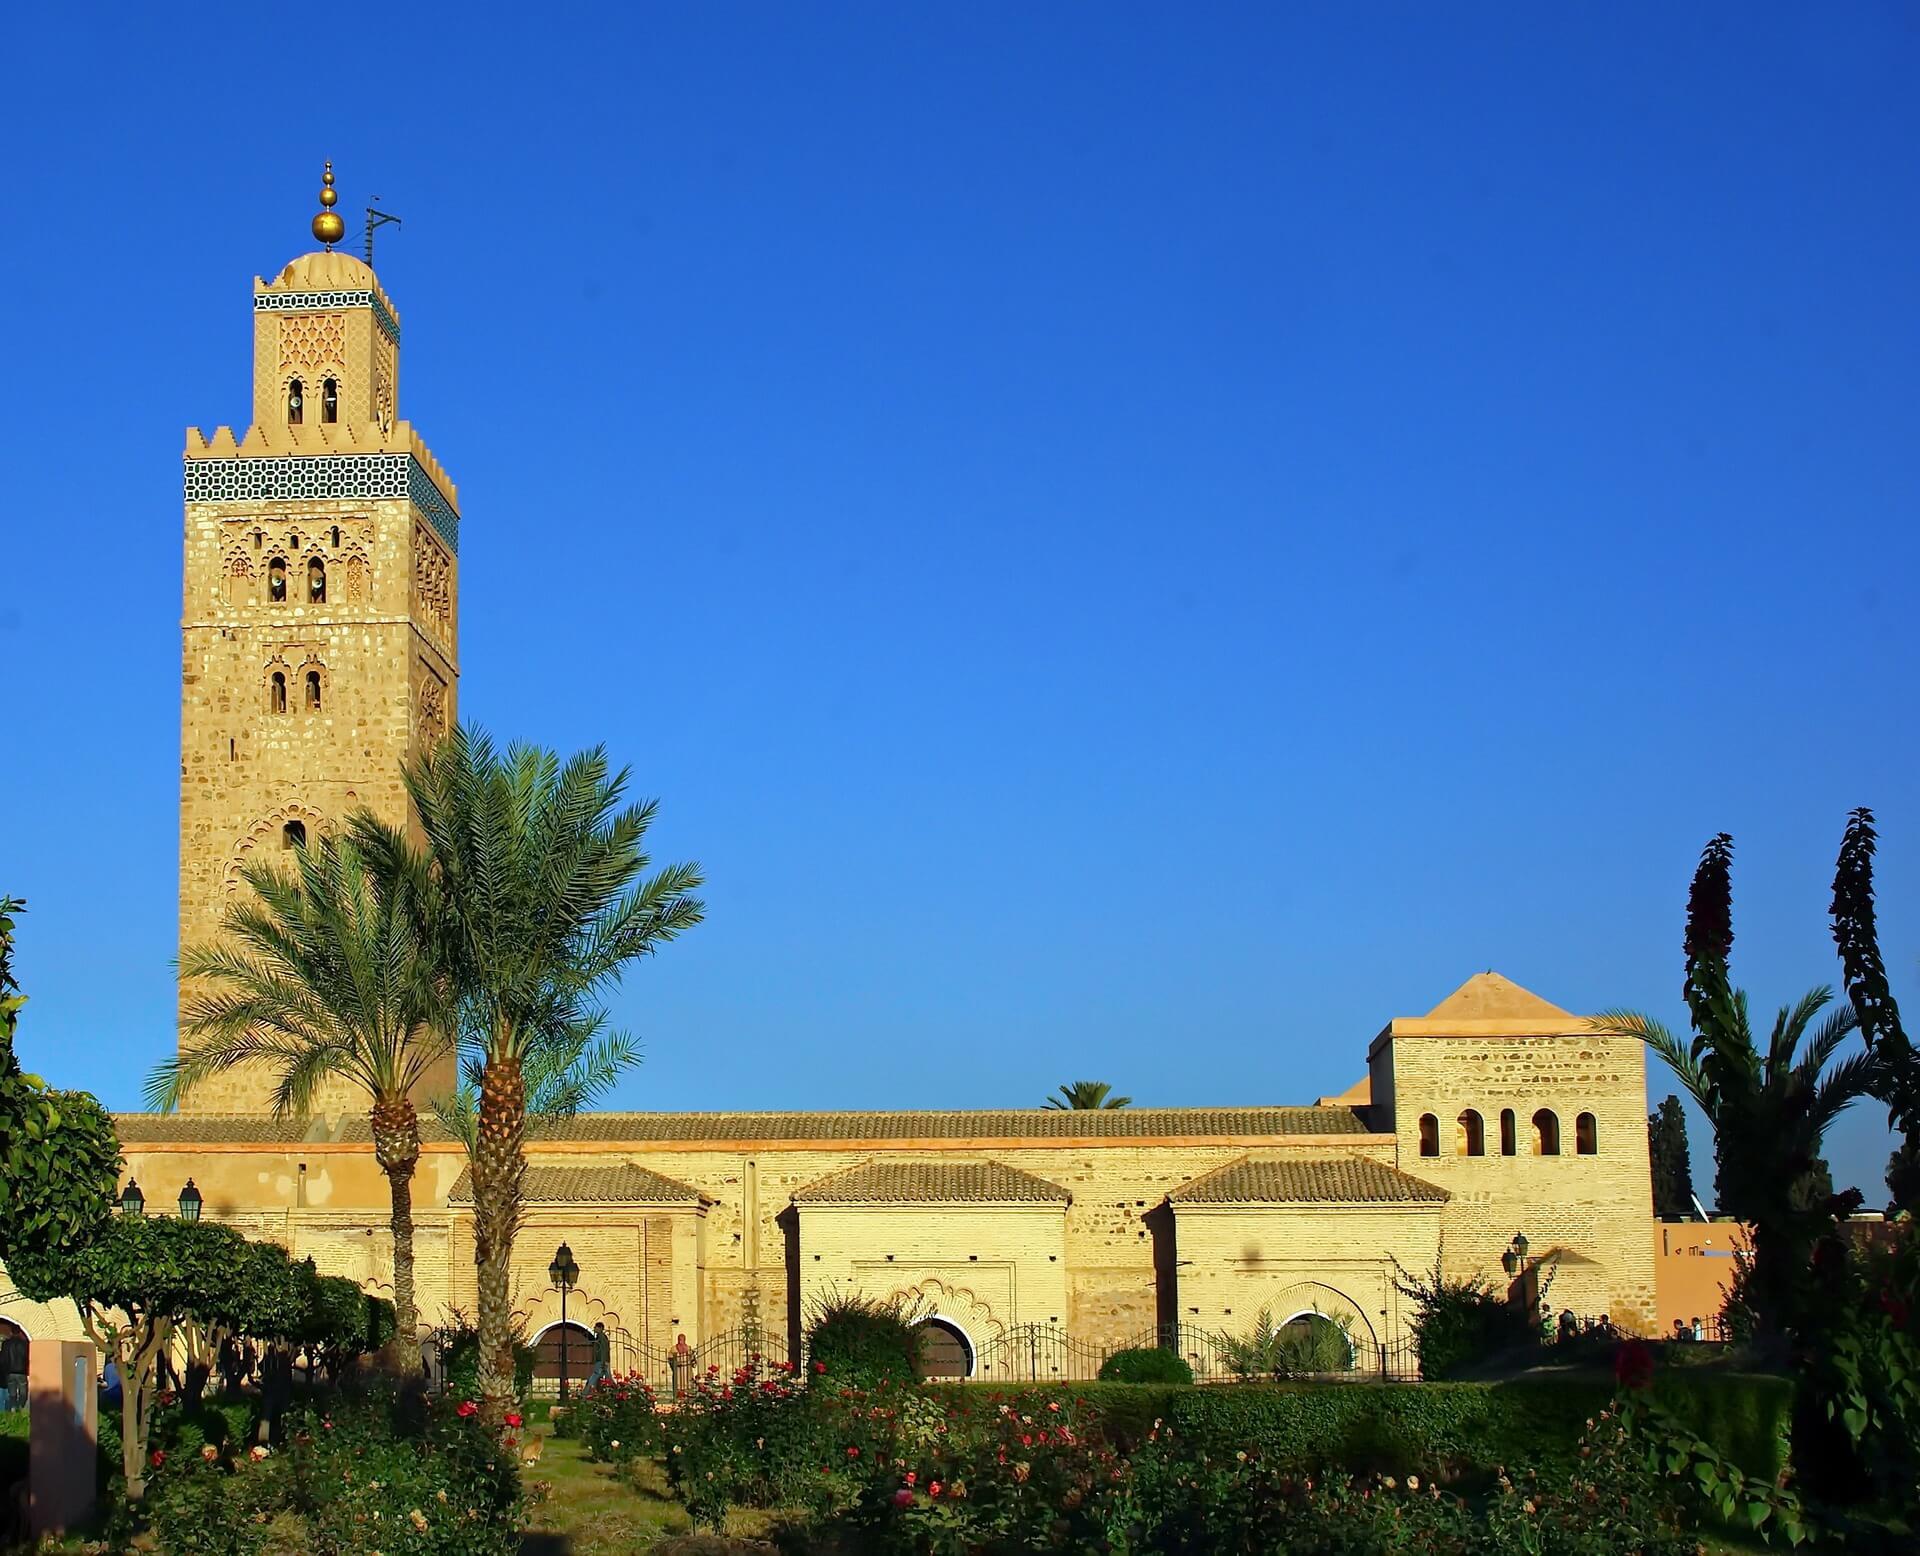 Direktflüge und Billigflüge ab Genf nach Marrakesch